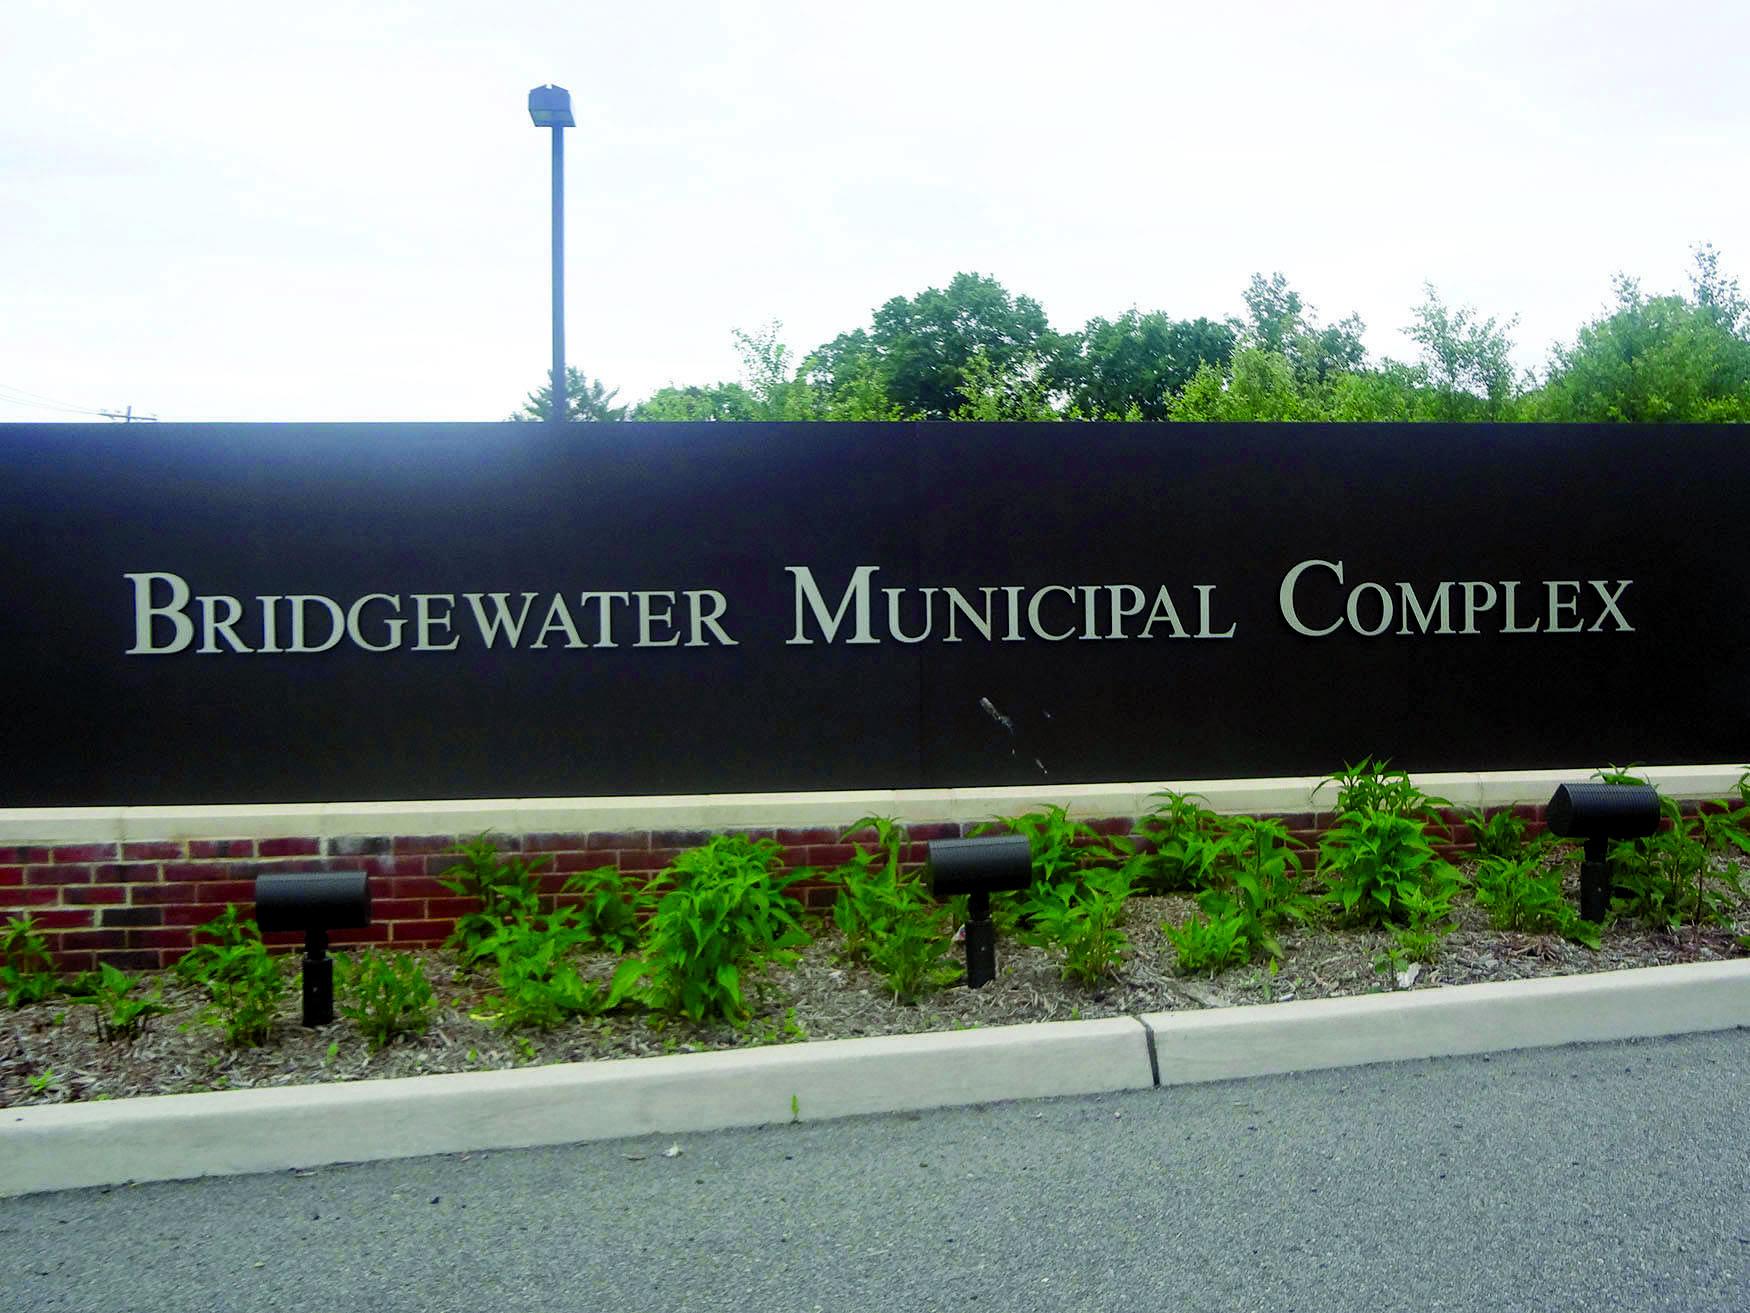 52eac5dec9a6bc2e2088_Bridgewater_municipal.jpg